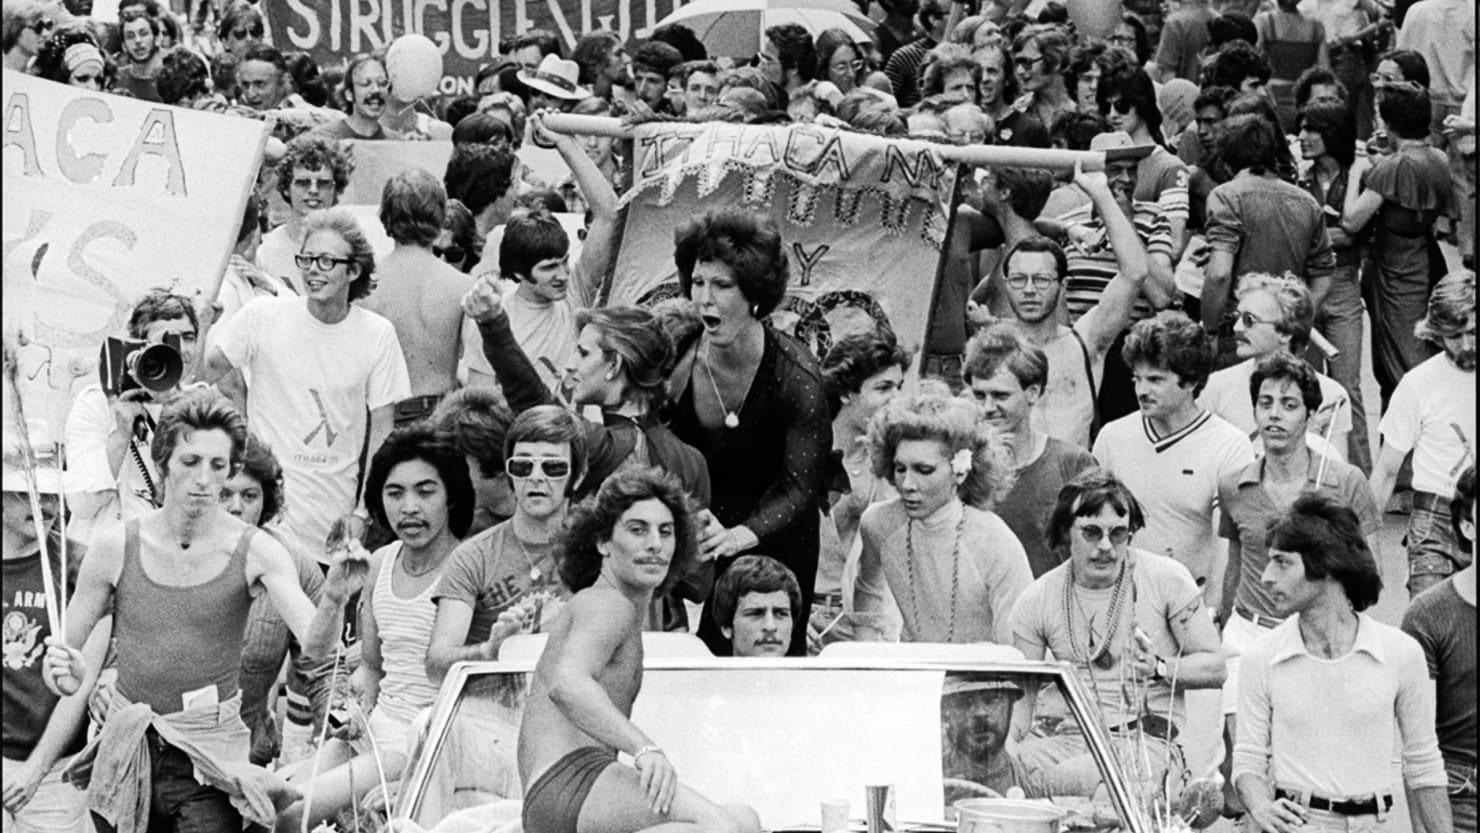 Gay activist groups